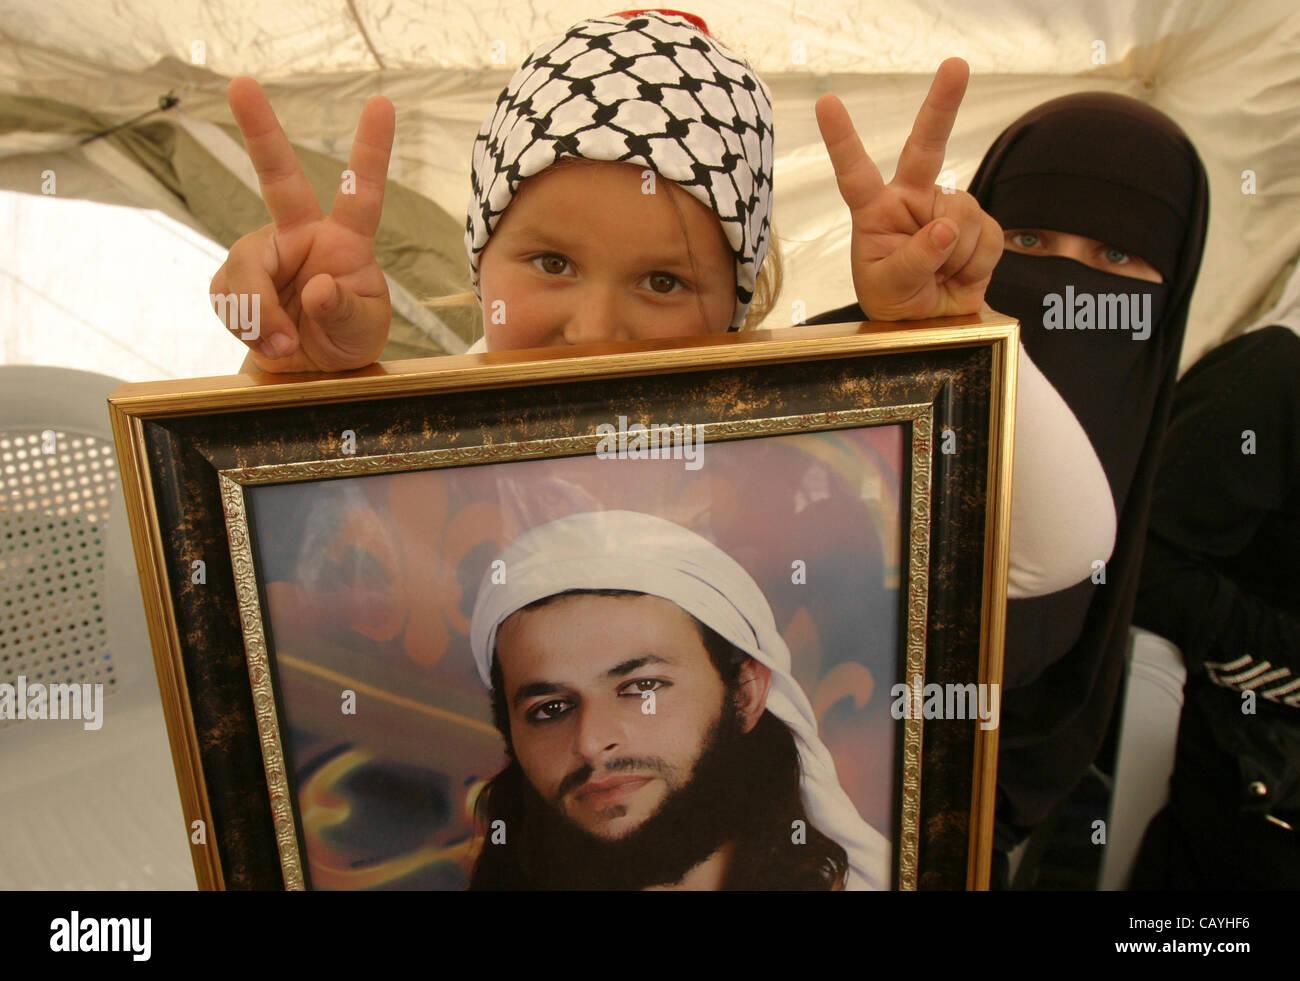 Jerusalem, Jerusalem, Palestinian Territory - Palestinian child holds up portrait of Palestinian prisoner, held - Stock Image